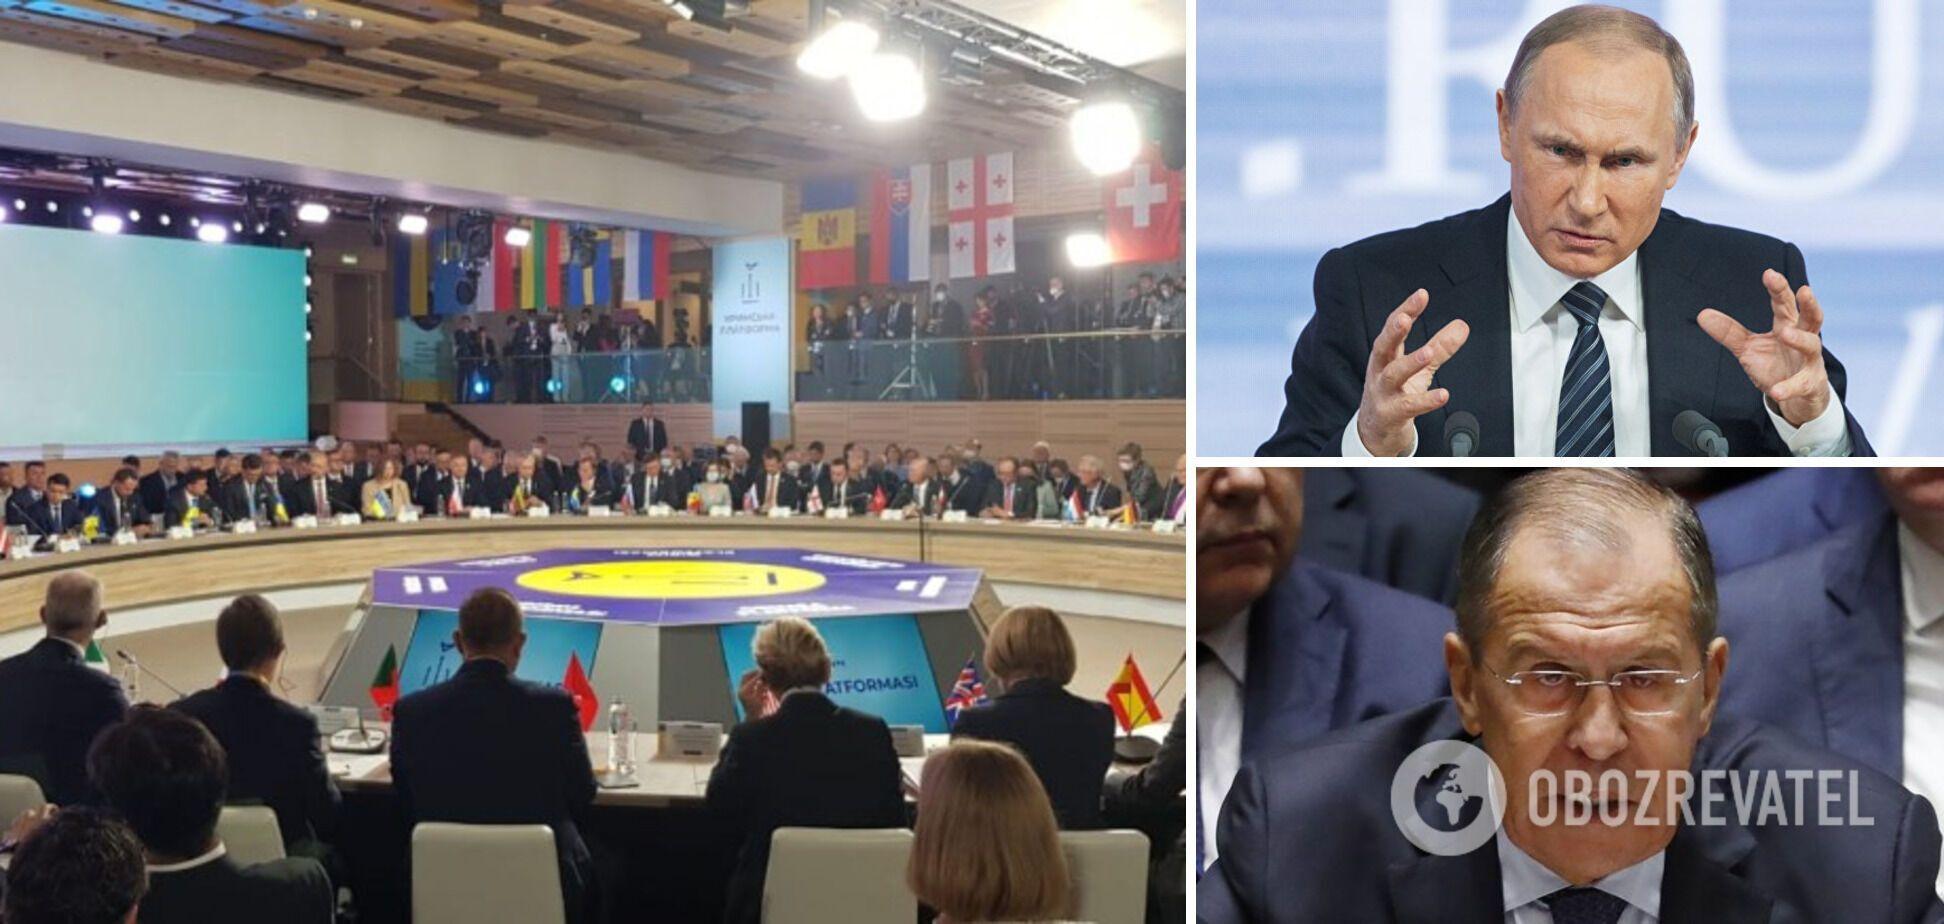 'Крымская платформа': солидарность международного сообщества и бессилие России